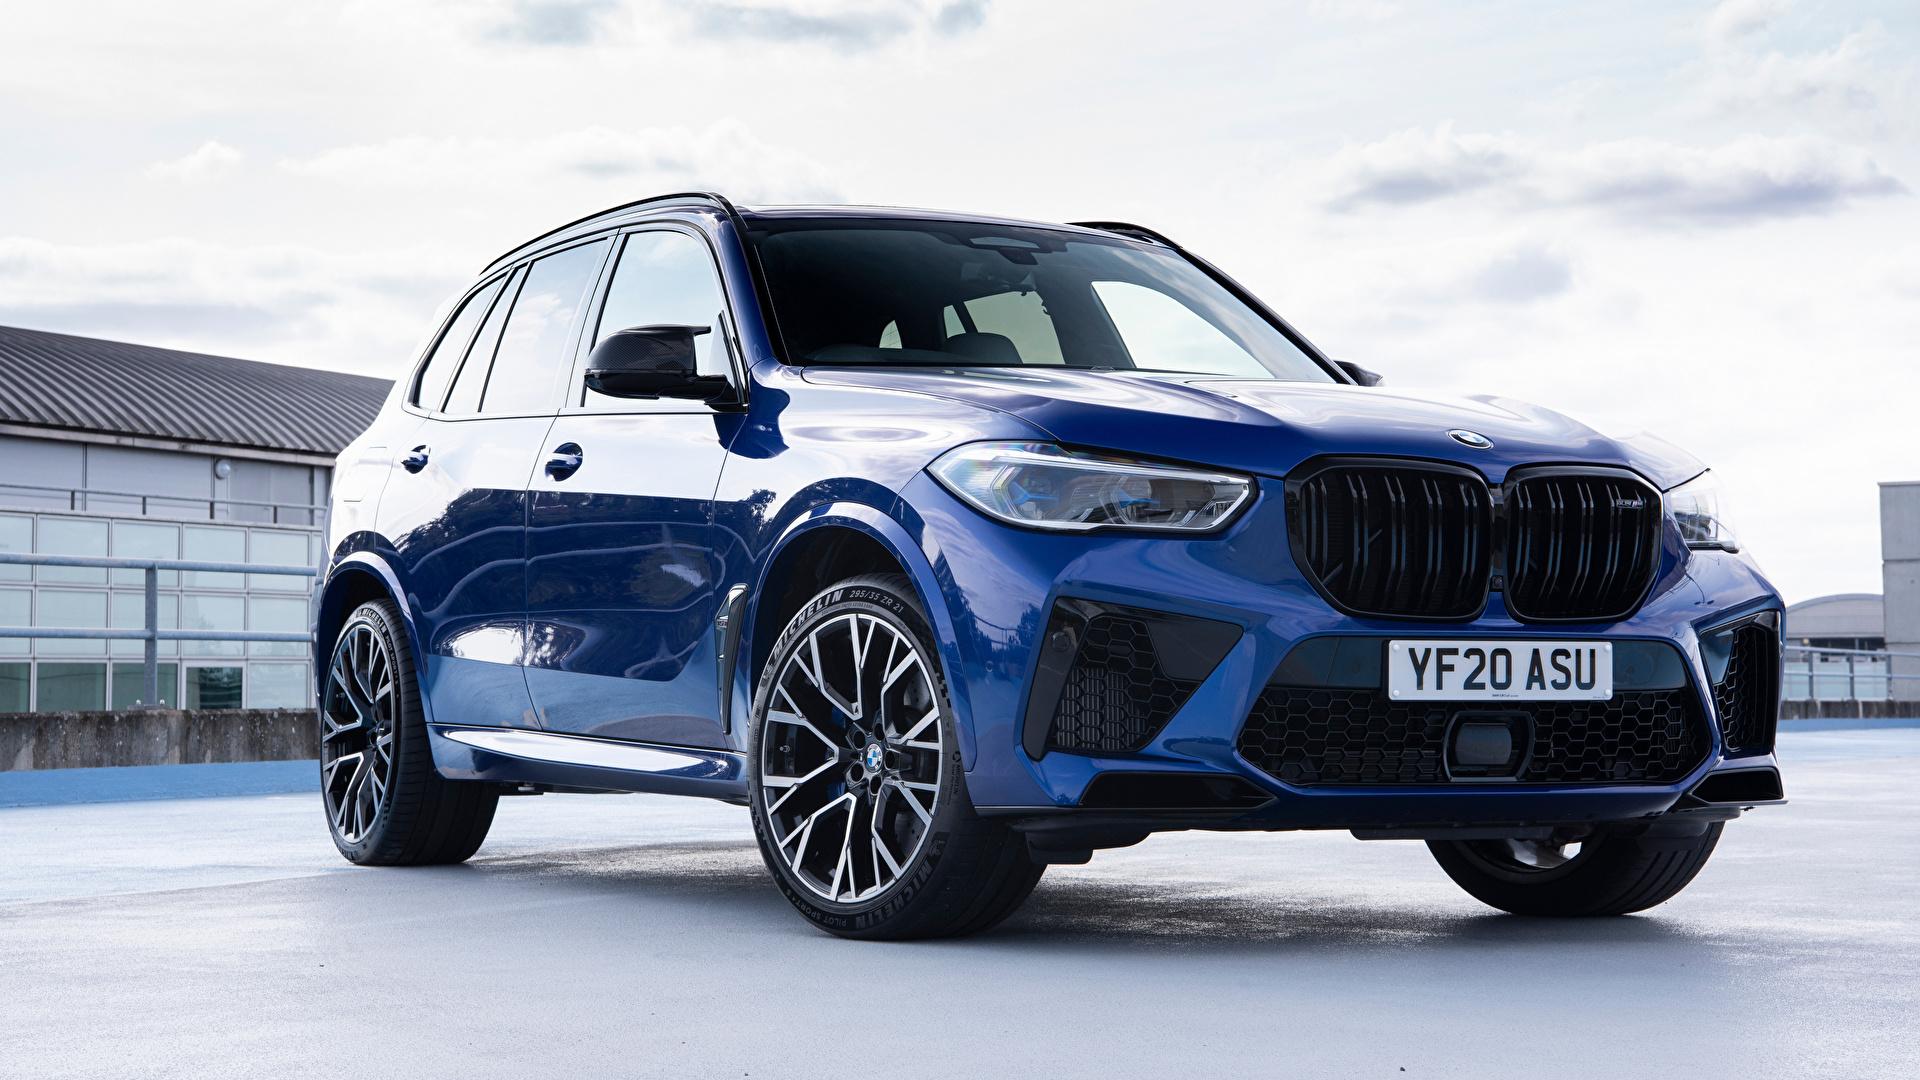 Обои для рабочего стола BMW Кроссовер X5 M Competition UK-spec (F95), 2020 Синий Металлик автомобиль 1920x1080 БМВ CUV синяя синие синих авто машины машина Автомобили